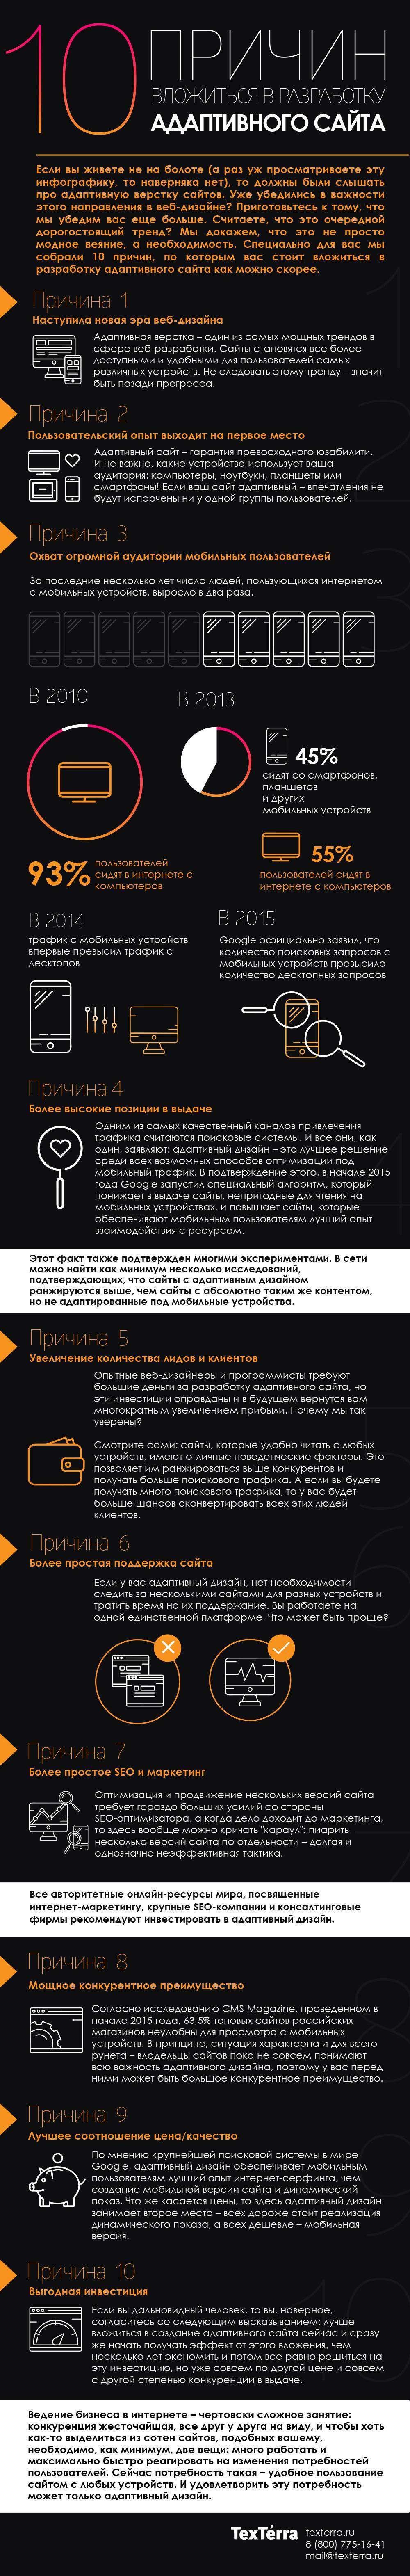 10 причин інвестувати в адаптивний дизайн (інфографіка)